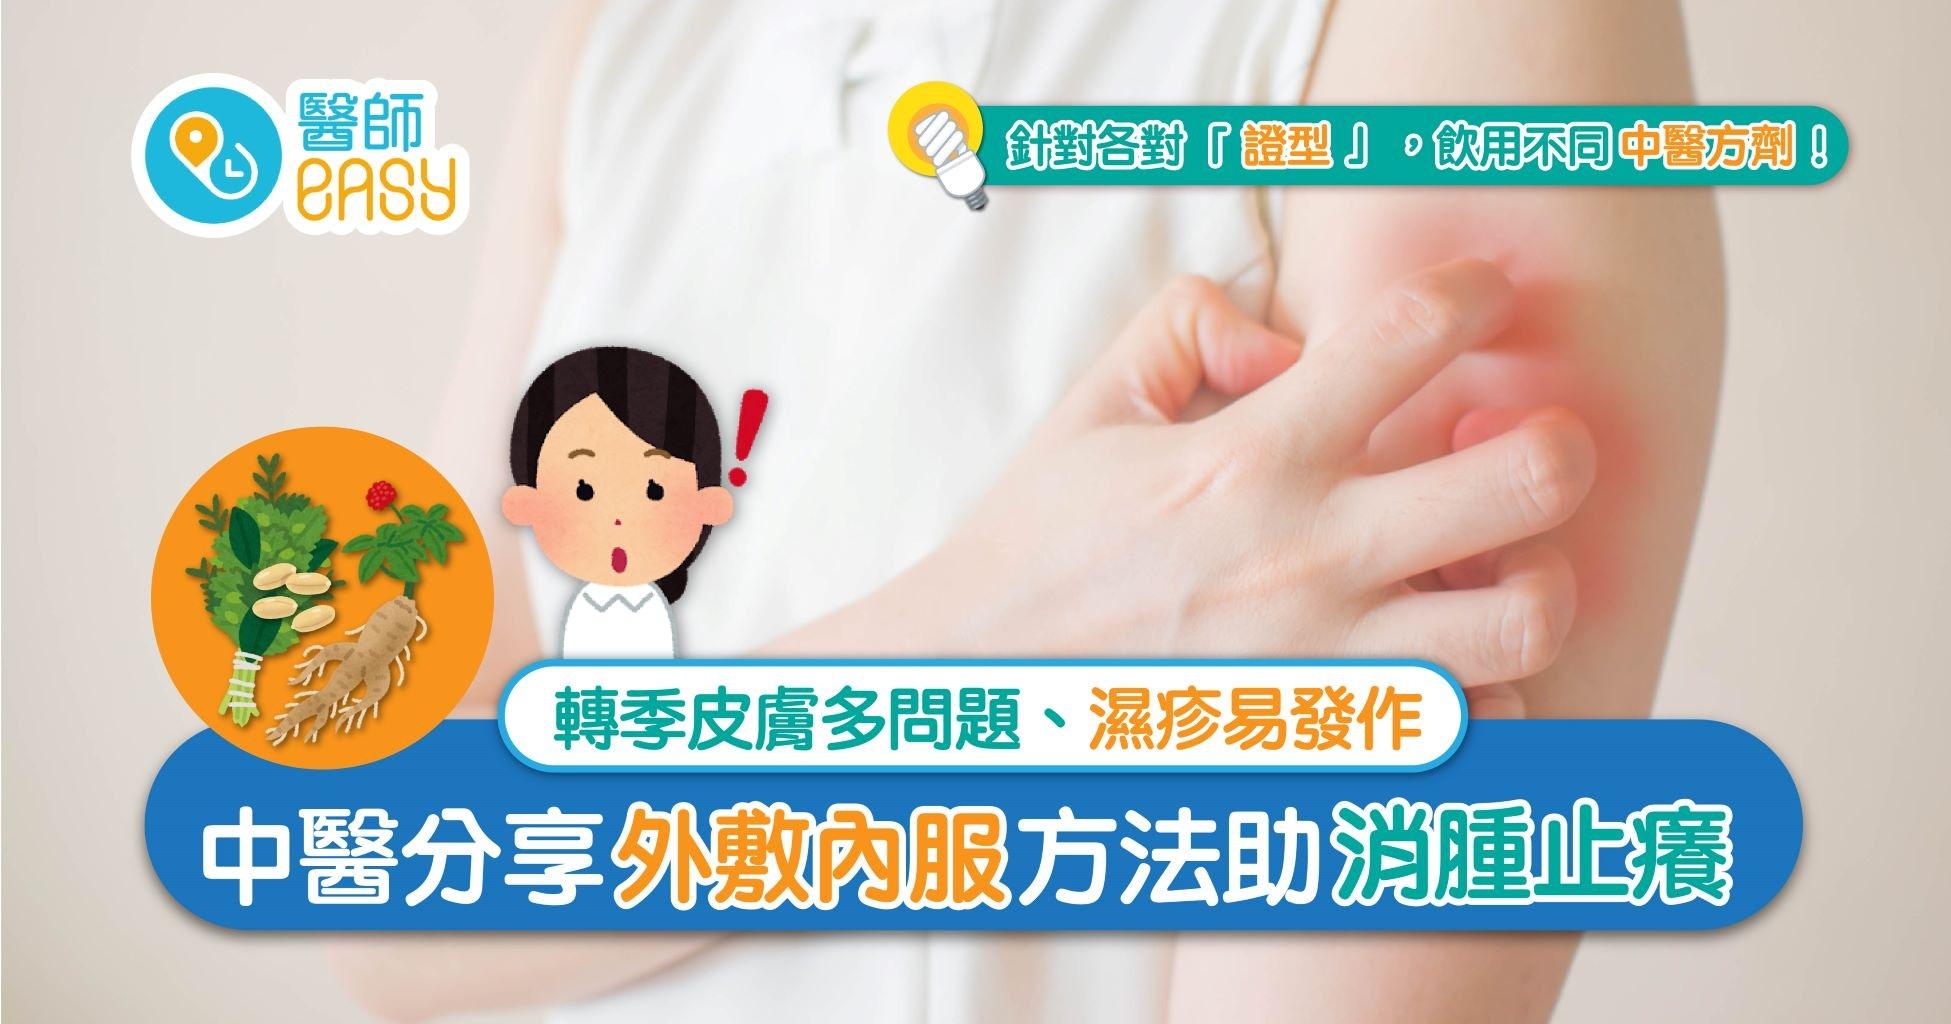 轉天氣周身痕?了解成因 中醫教你內服外敷對抗濕疹